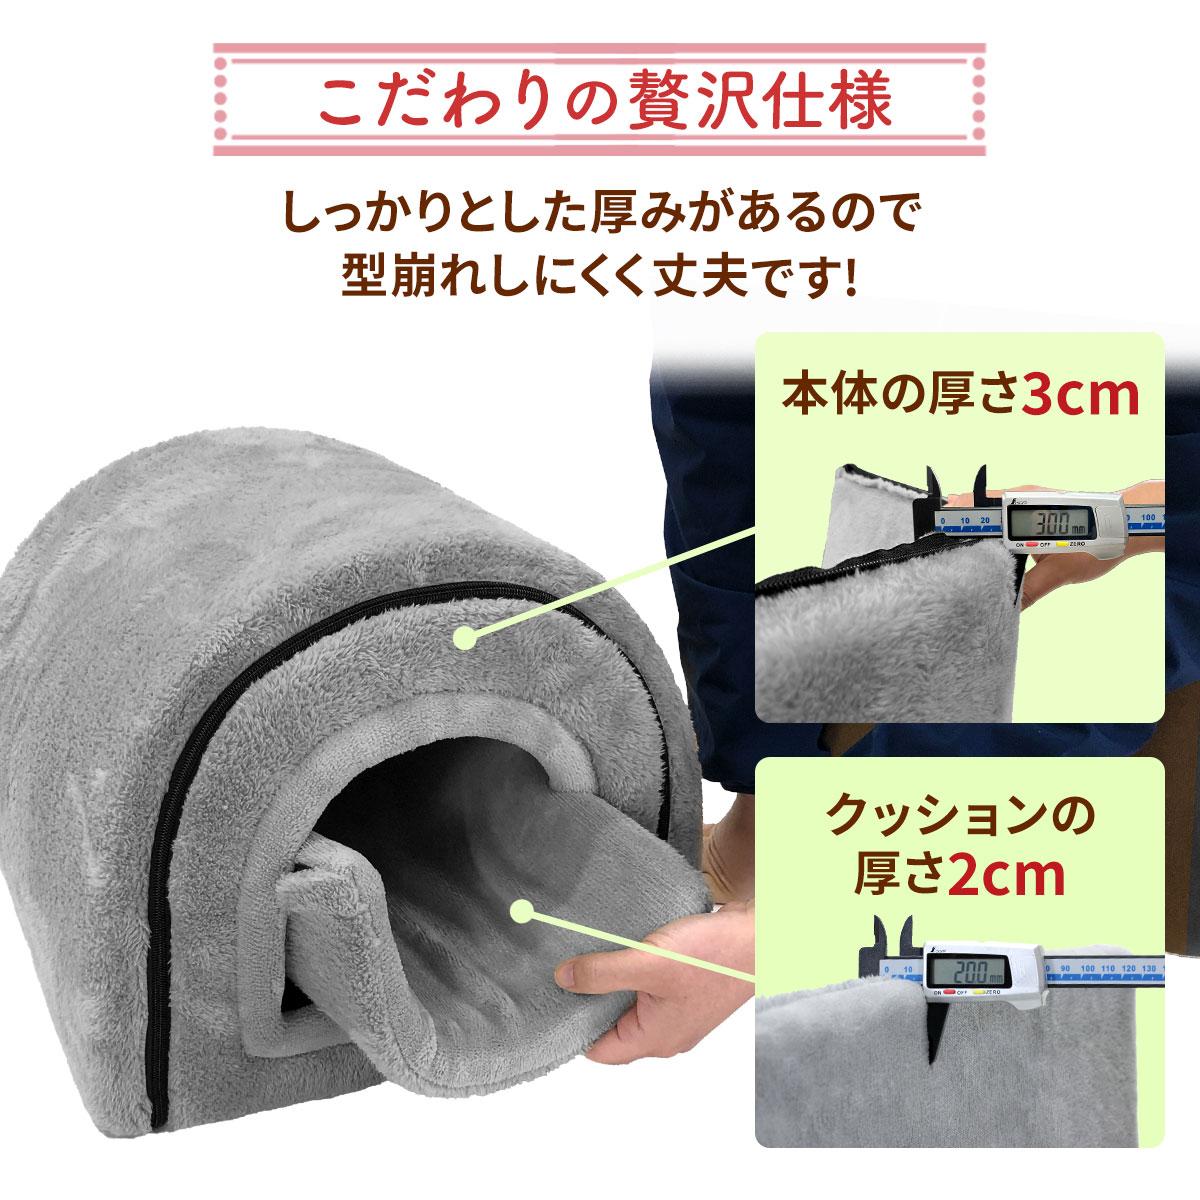 【在庫限り】 ドーム型 ペットハウス 室内 犬小屋 ベッド 犬 猫 ドームハウス Mサイズ